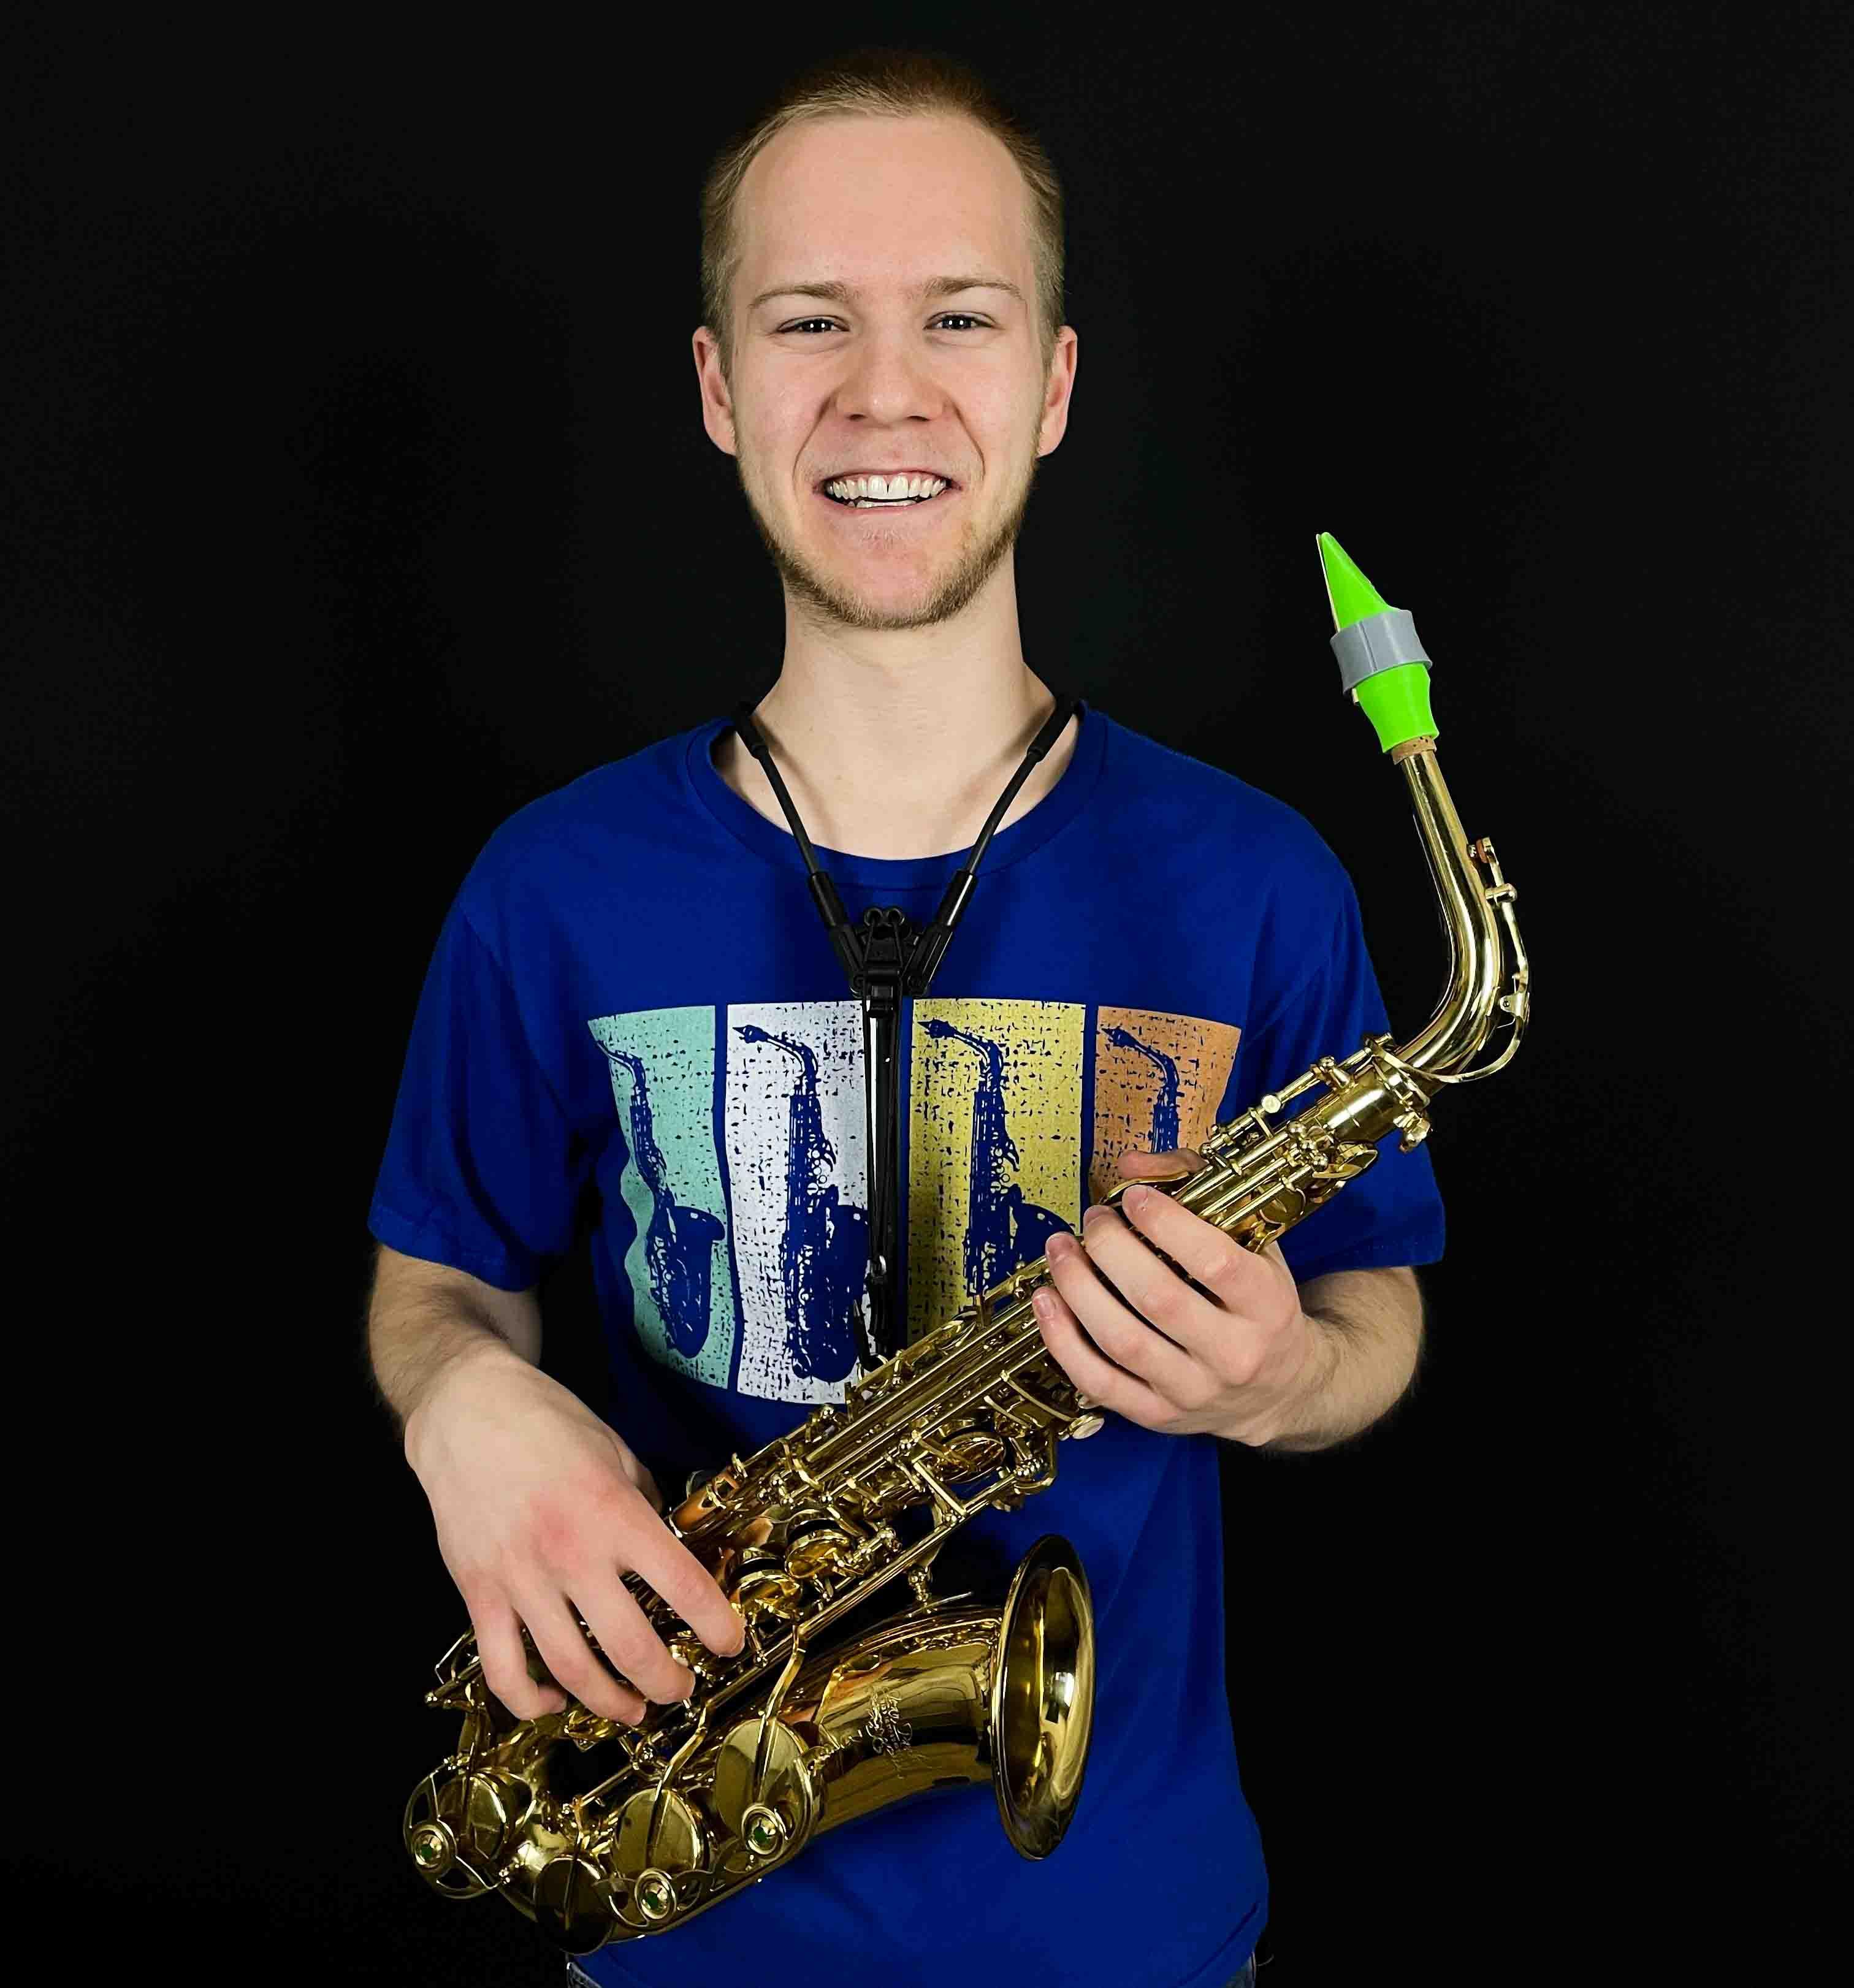 FoolishFrankie's alto saxophone mouthpiece by Syos